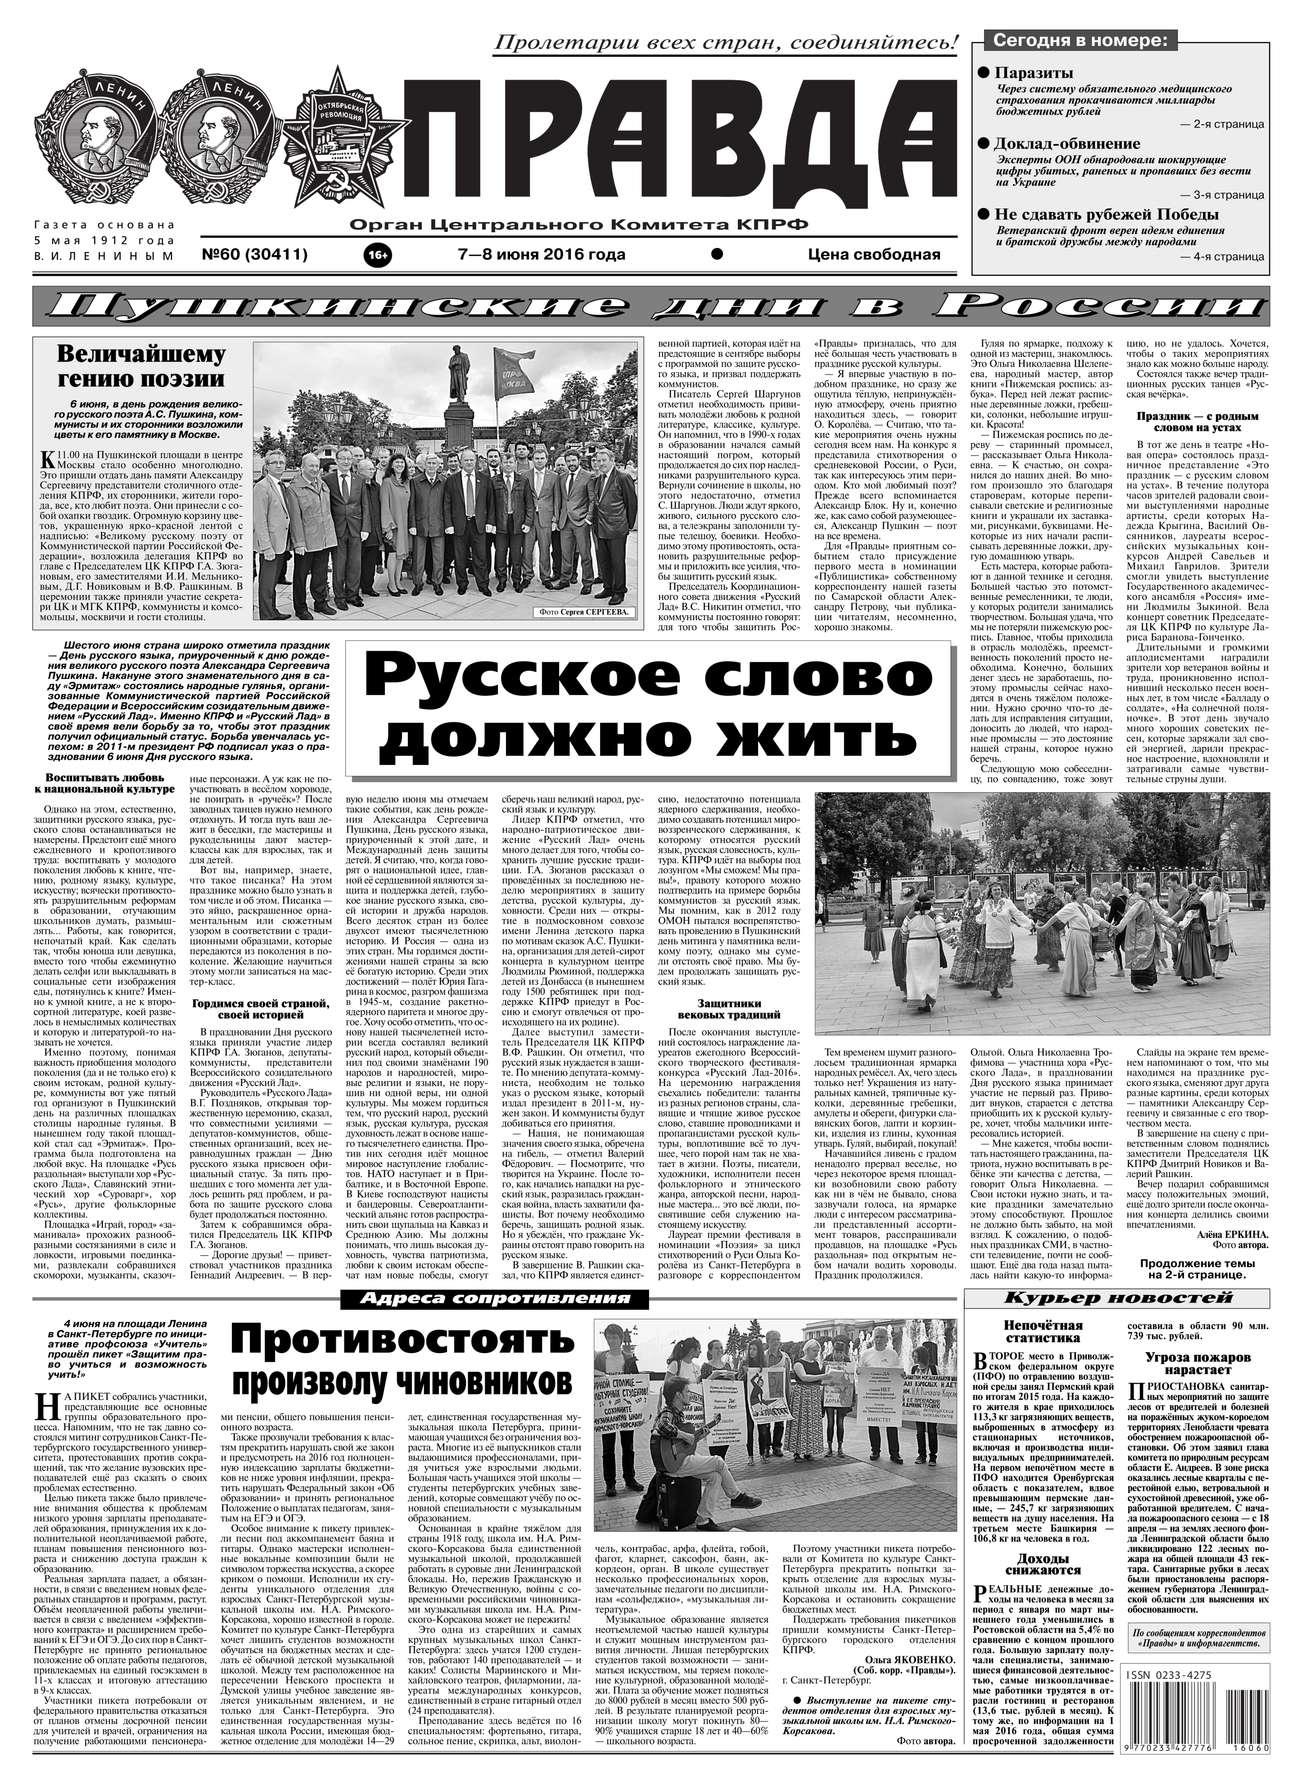 Редакция газеты Правда Правда 60-2016 крышка roca nexo для биде белая 806640004